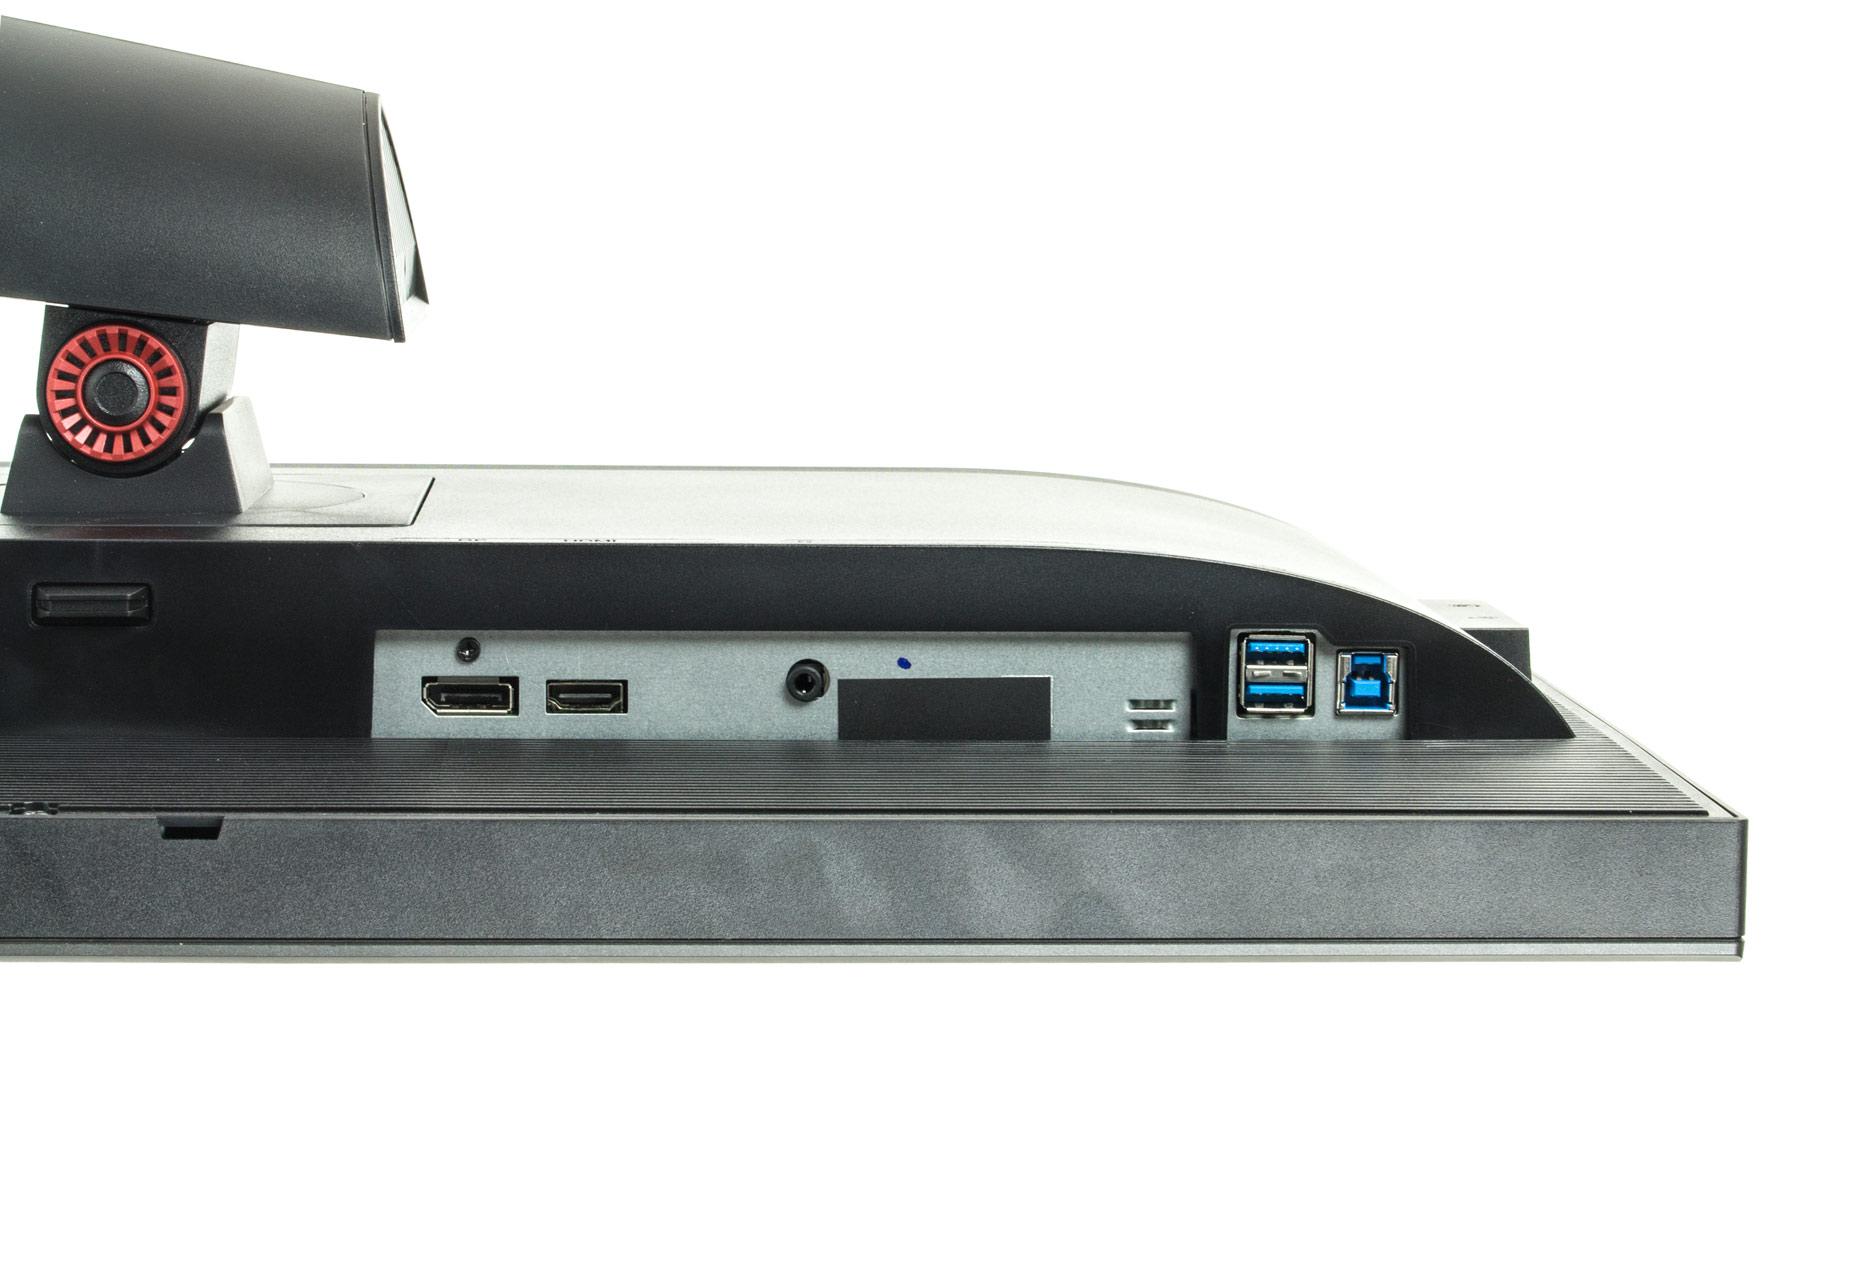 Acer Predator XB271HUbmiprz złącza wideo